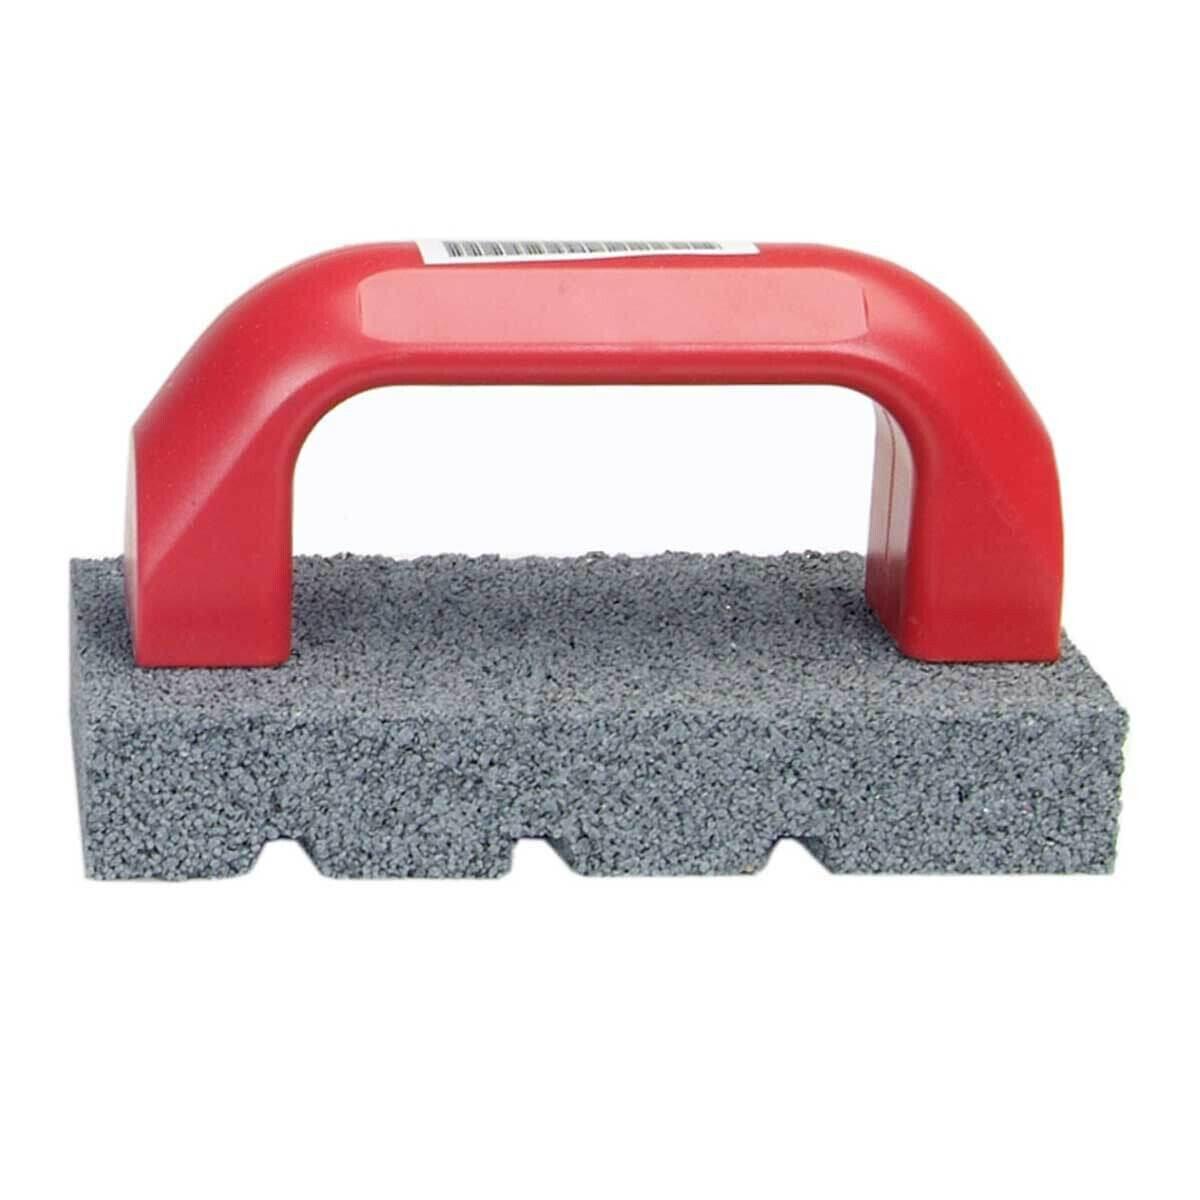 Rubbing Brick with Handle by Norton 61463687800